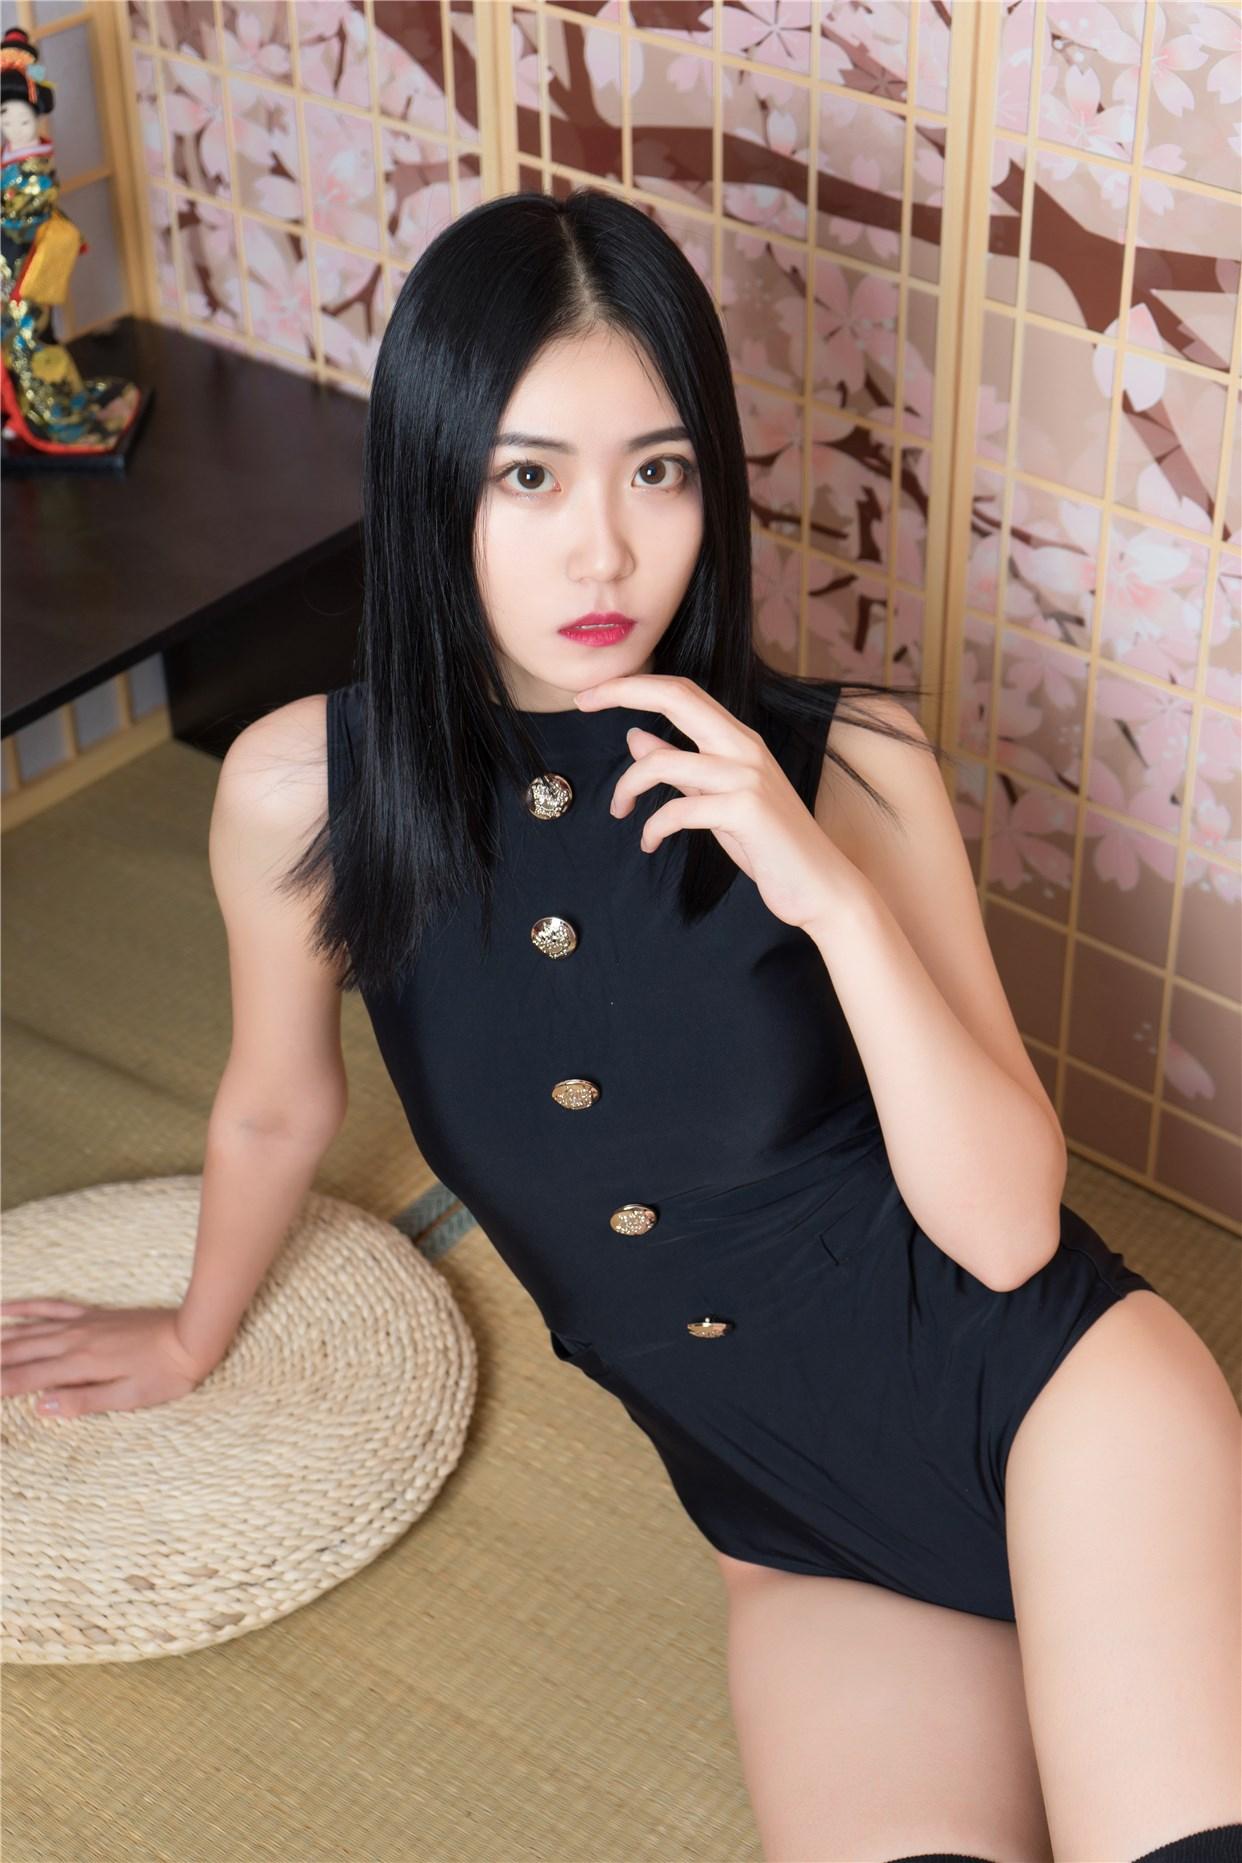 【兔玩映画】黑色制服的少女 兔玩映画 第9张